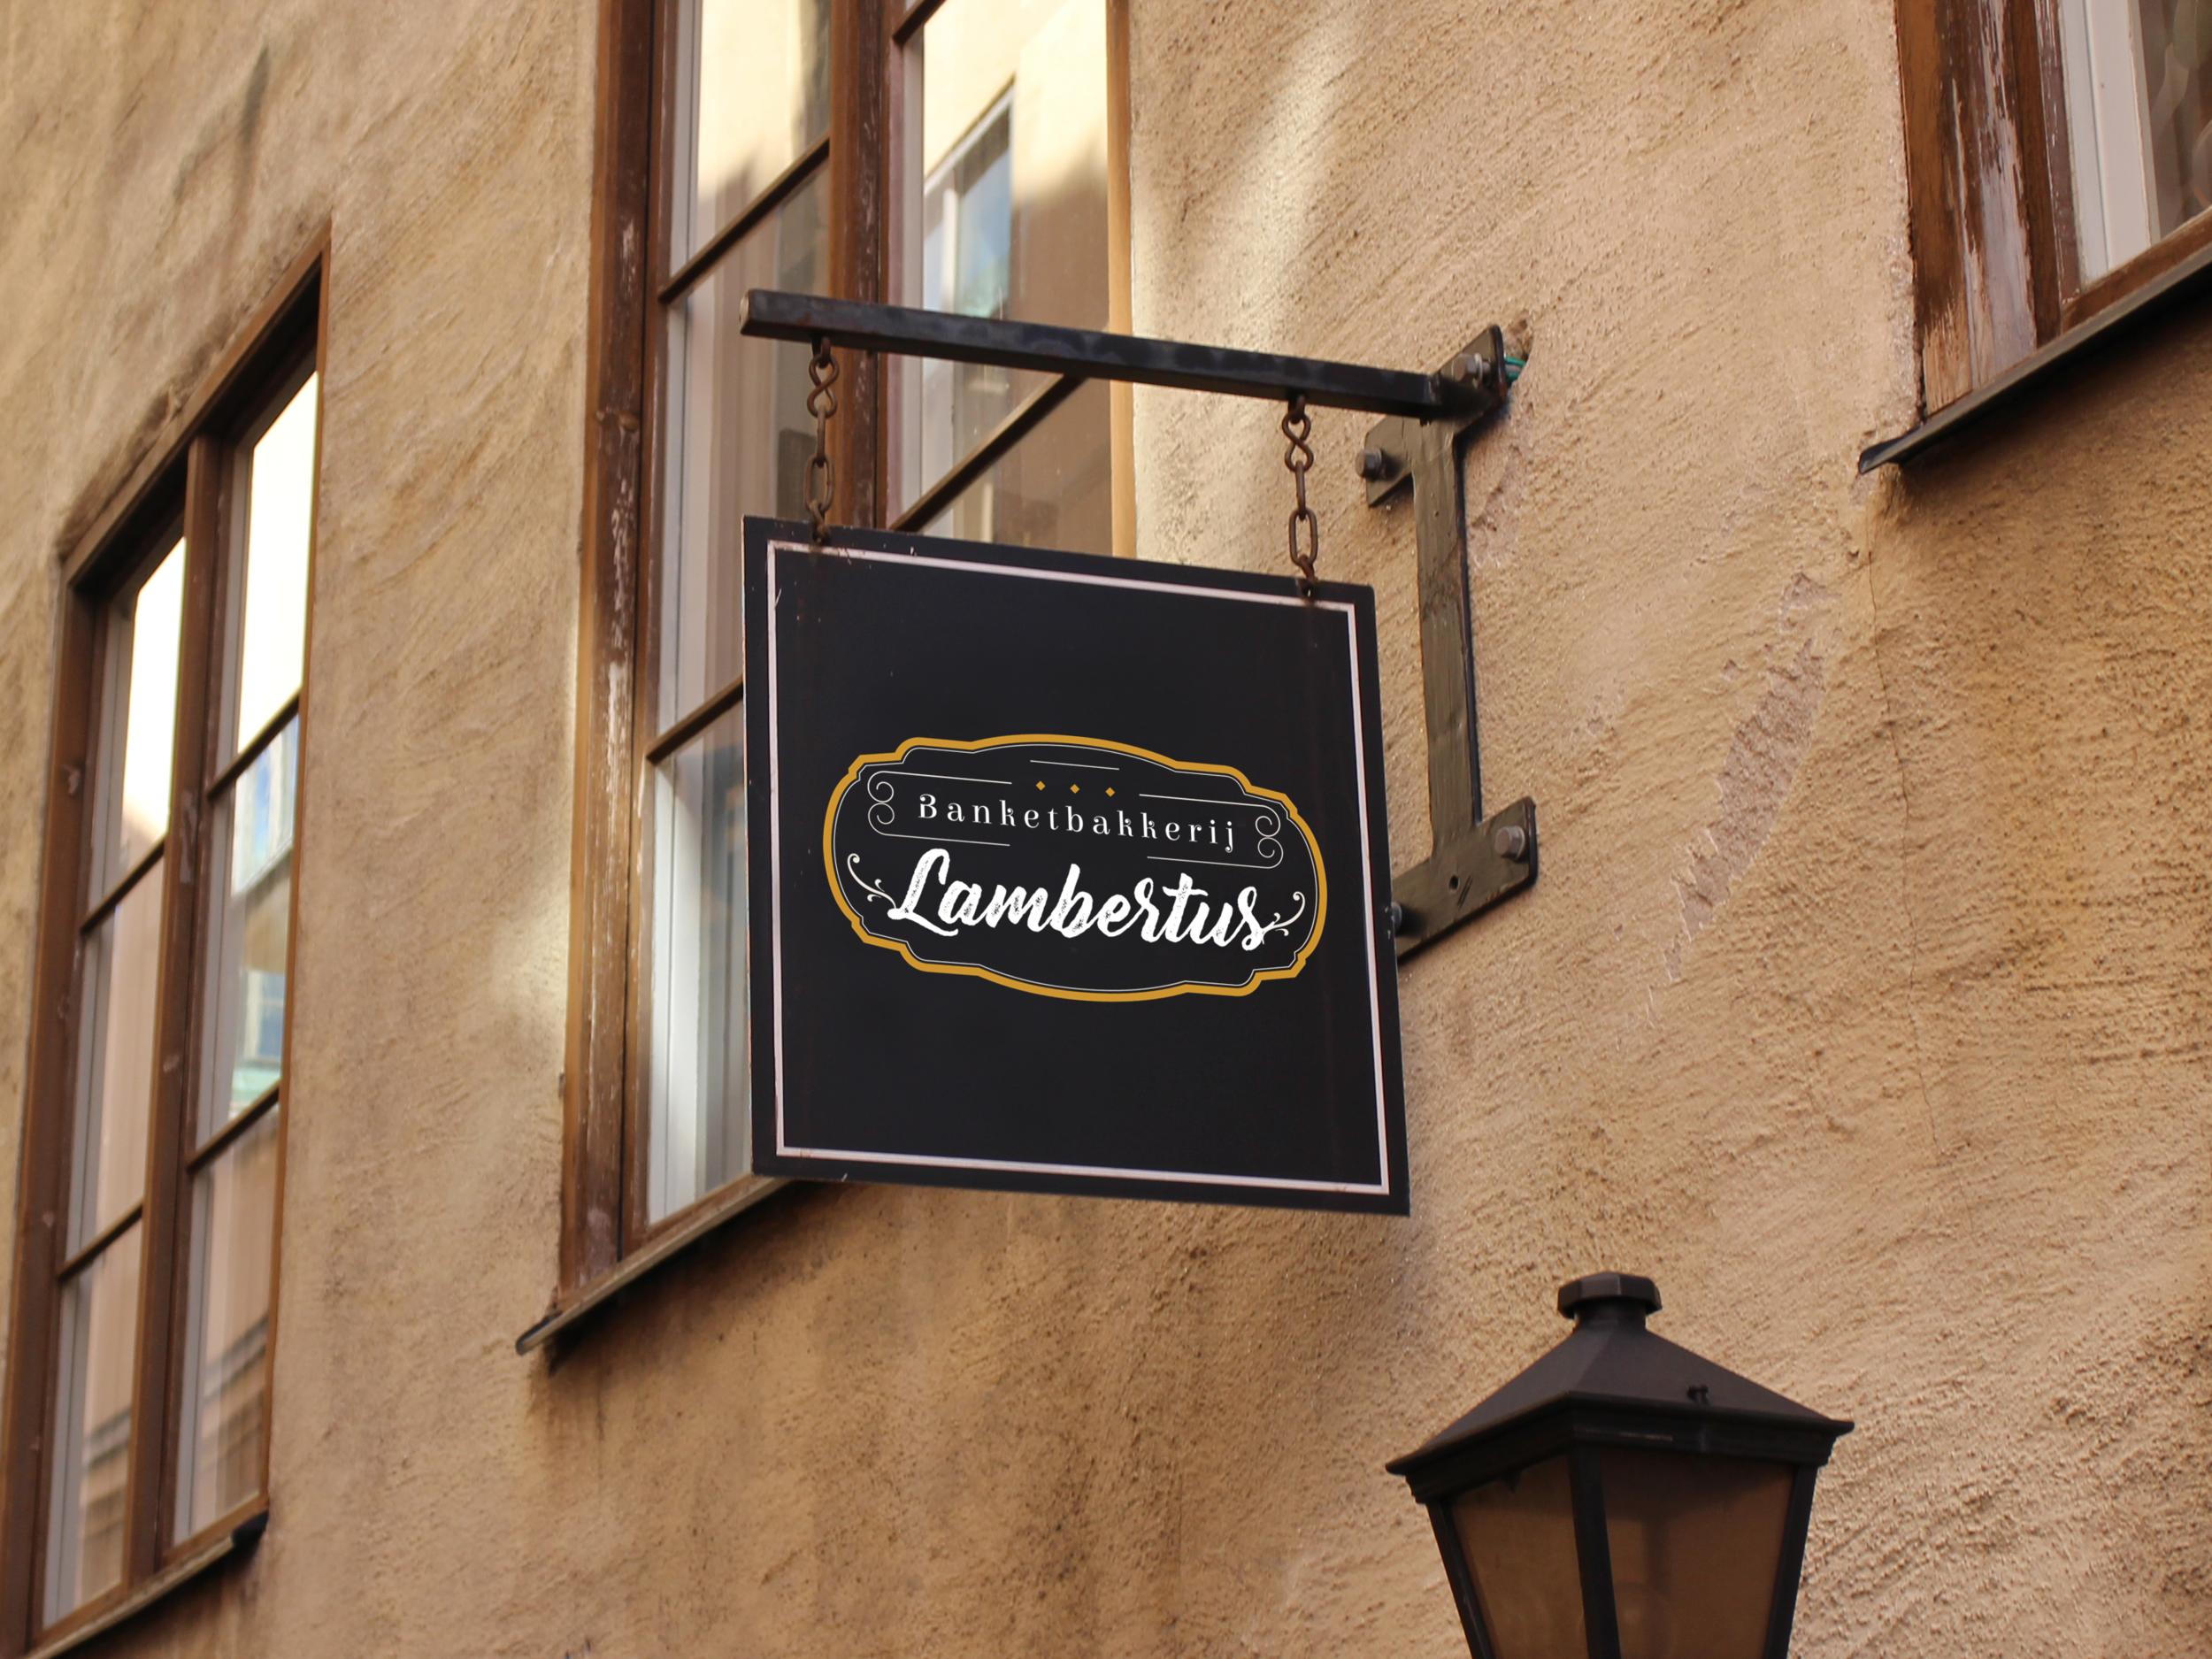 ber-logo-lambertus-mockup-sign.png